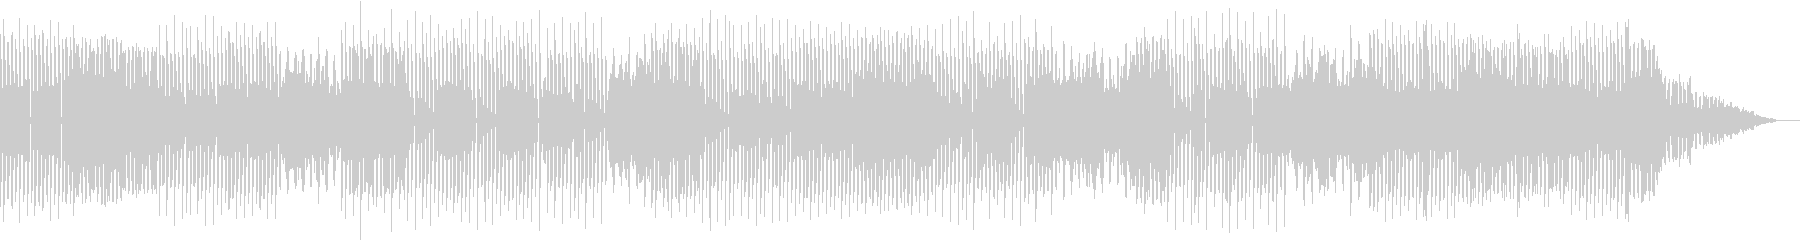 おしゃれな映像音楽の未再生の波形